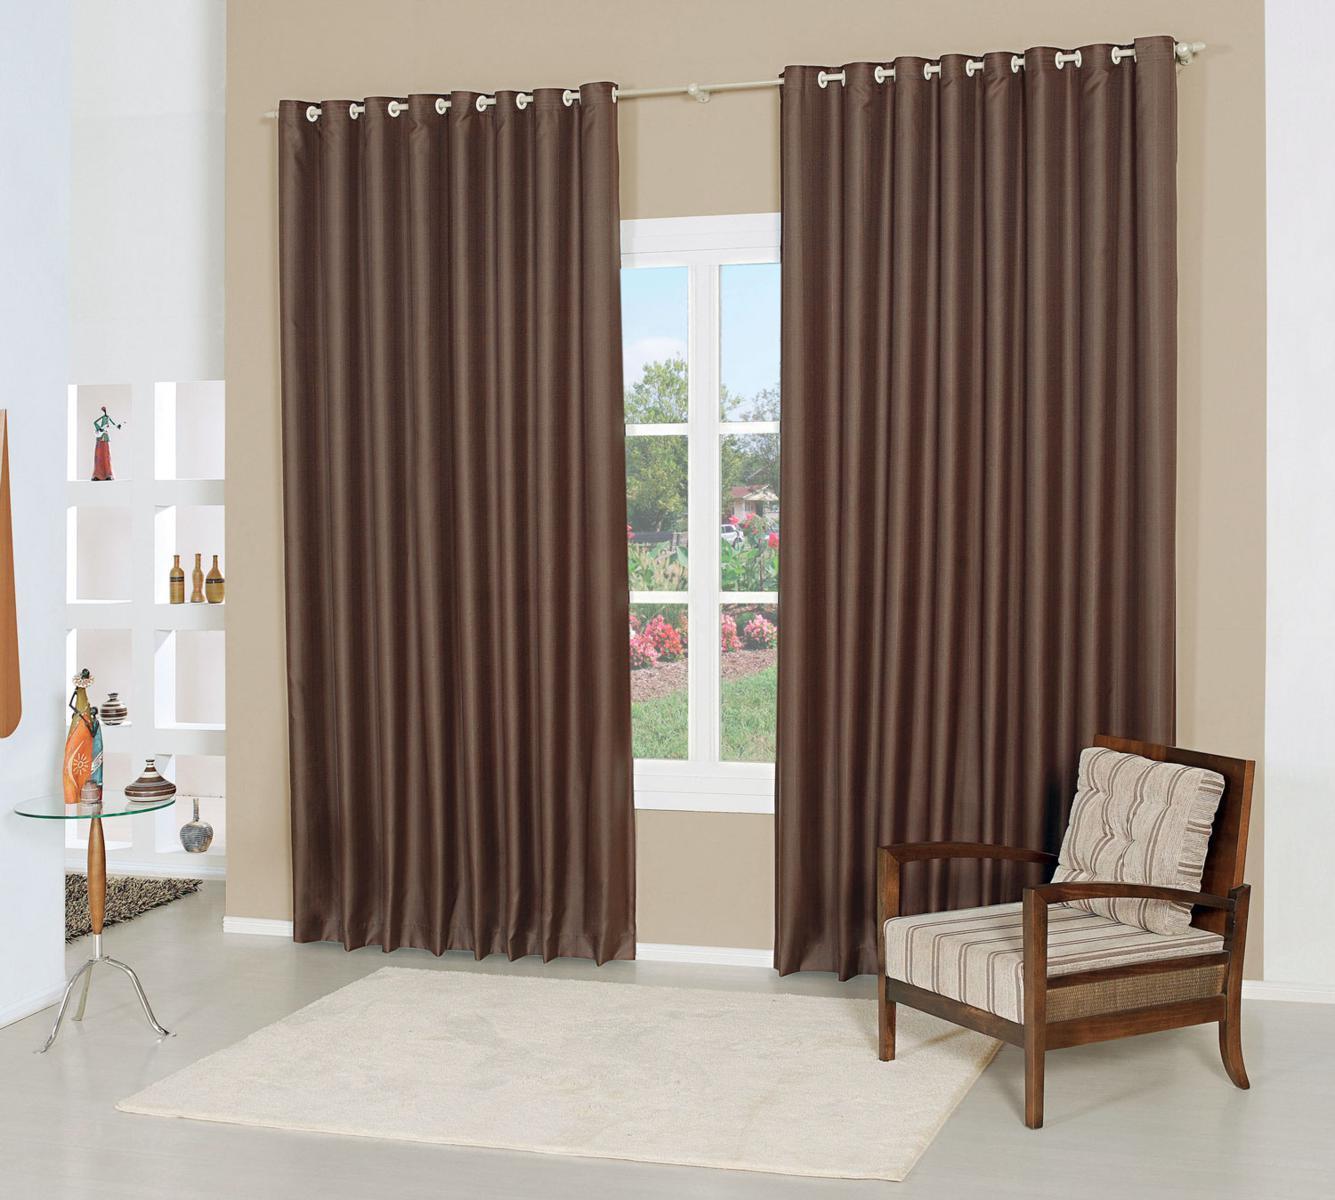 Escolhendo as cortinas para a casa cortinas de tecido